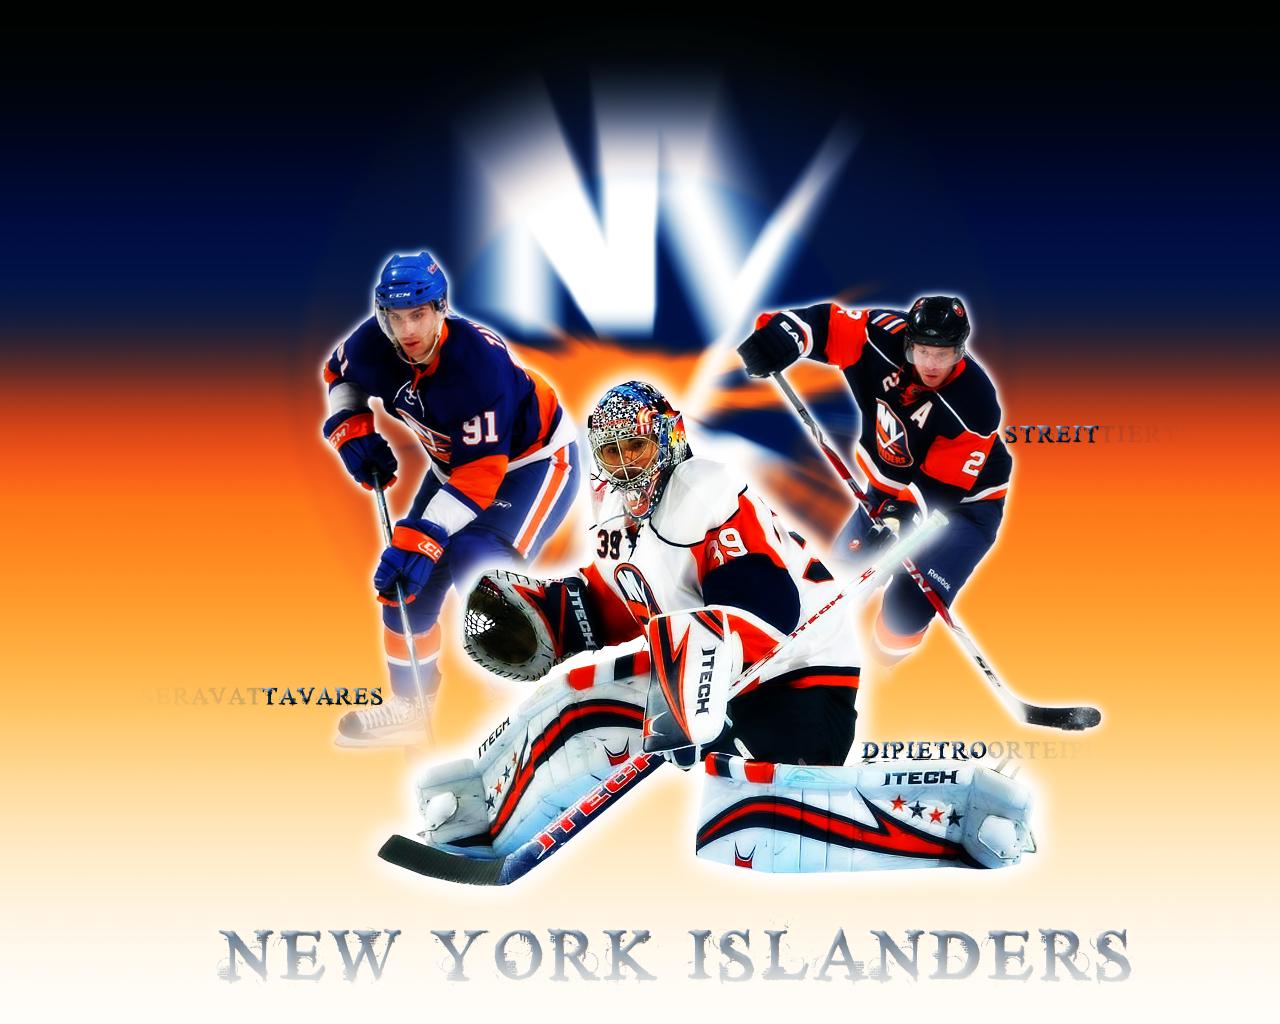 de New York Islanders Fondos de pantalla de New York Islanders 1280x1024